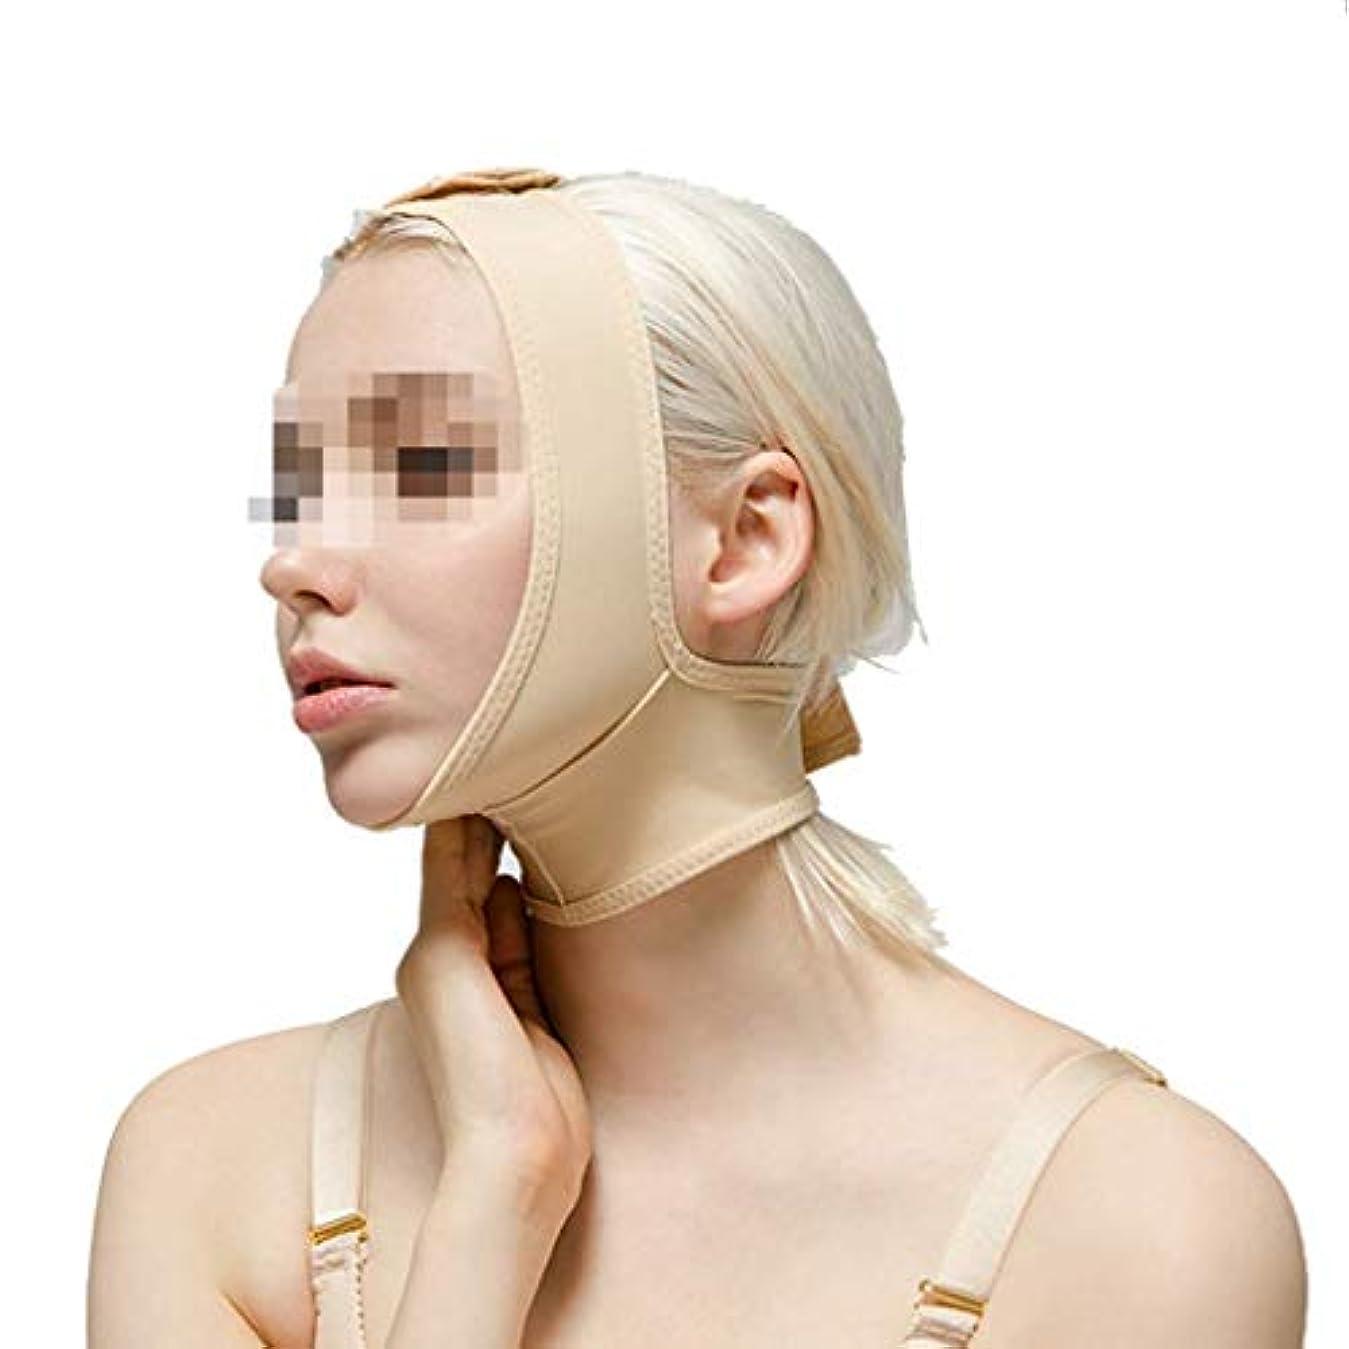 コミュニティ水っぽいペッカディロ術後弾性スリーブ、下顎バンドルフェイスバンデージフェイシャルビームダブルチンシンフェイスマスクマルチサイズオプション(サイズ:L)